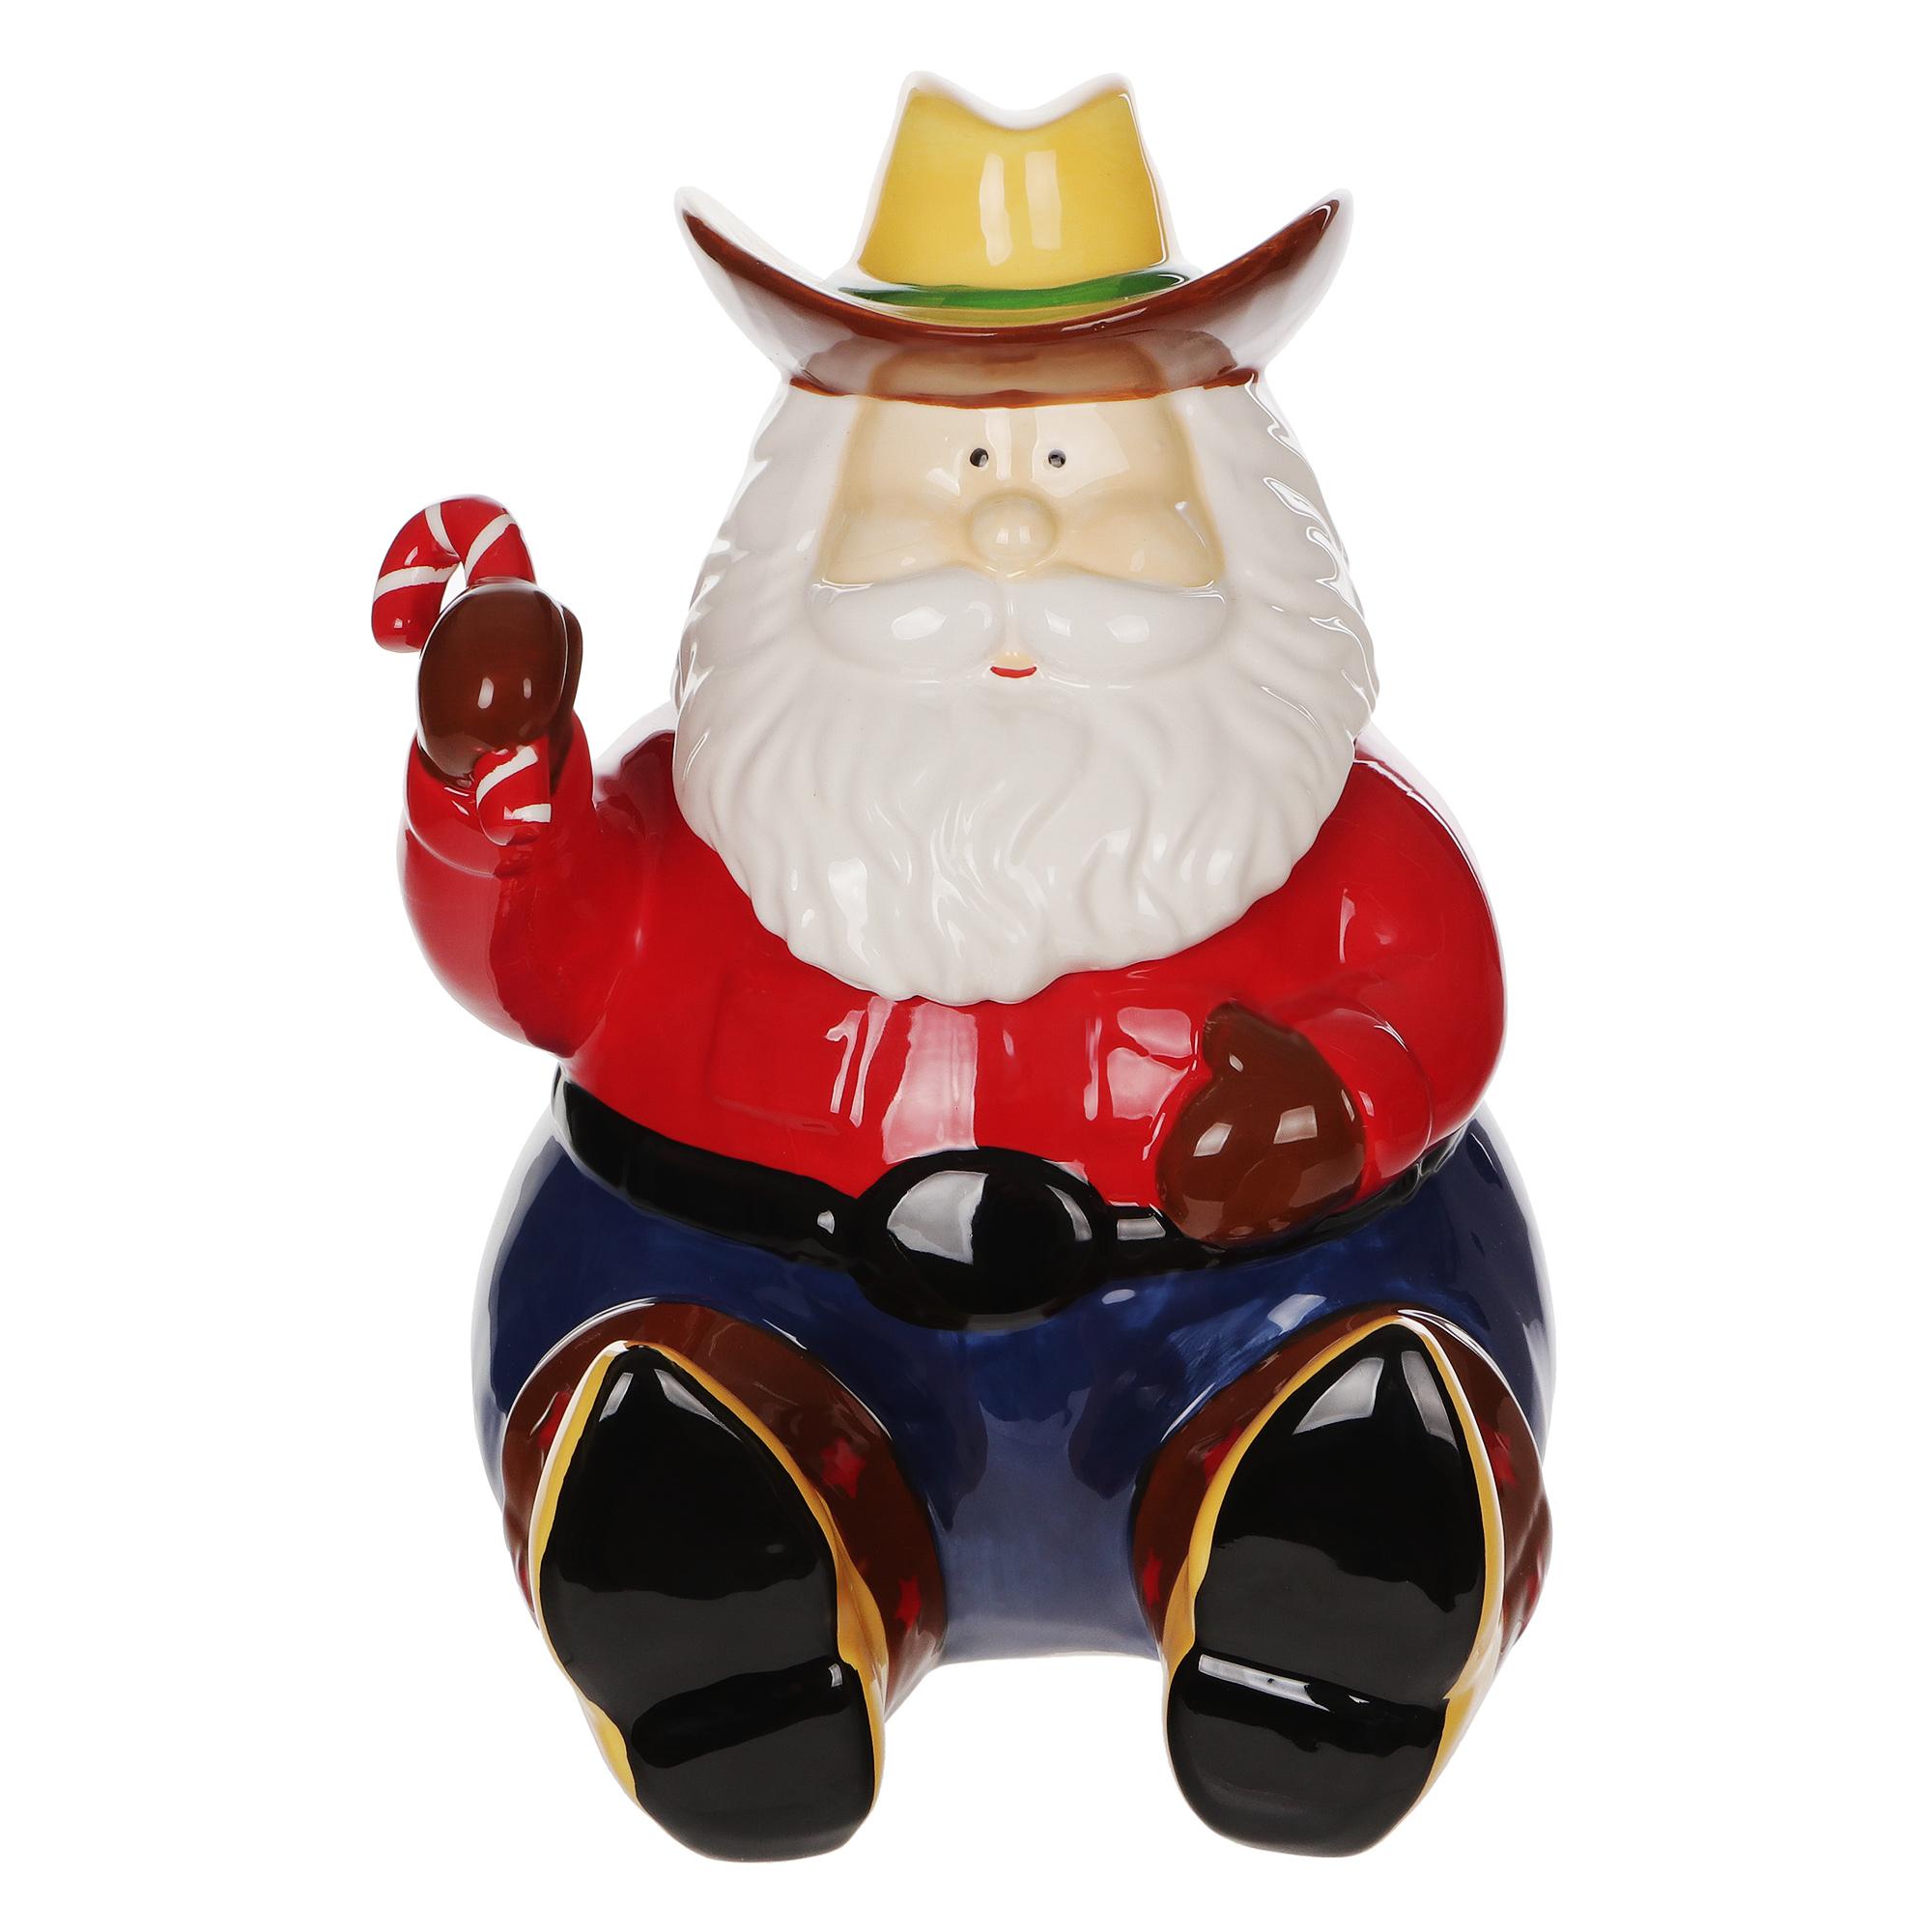 Купить Банка для печенья Tss Санта 21х20х25, красный, синий, керамика